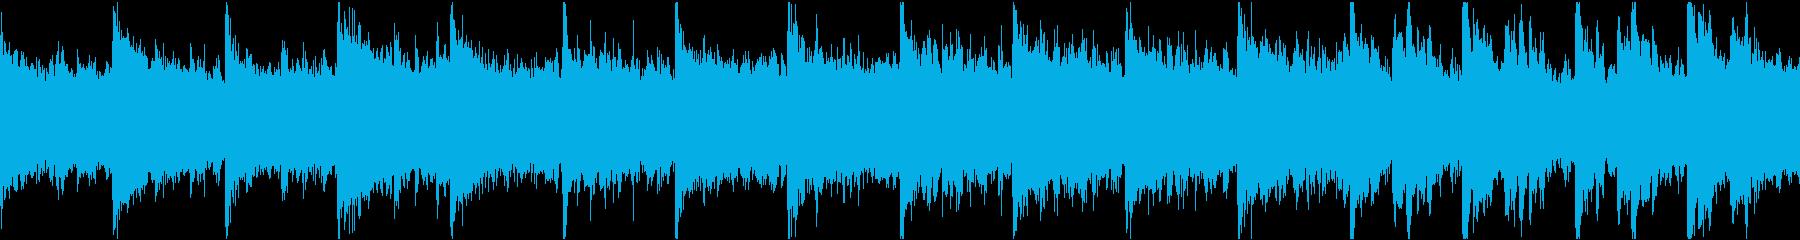 モダン 交響曲 室内楽 ラウンジ ...の再生済みの波形